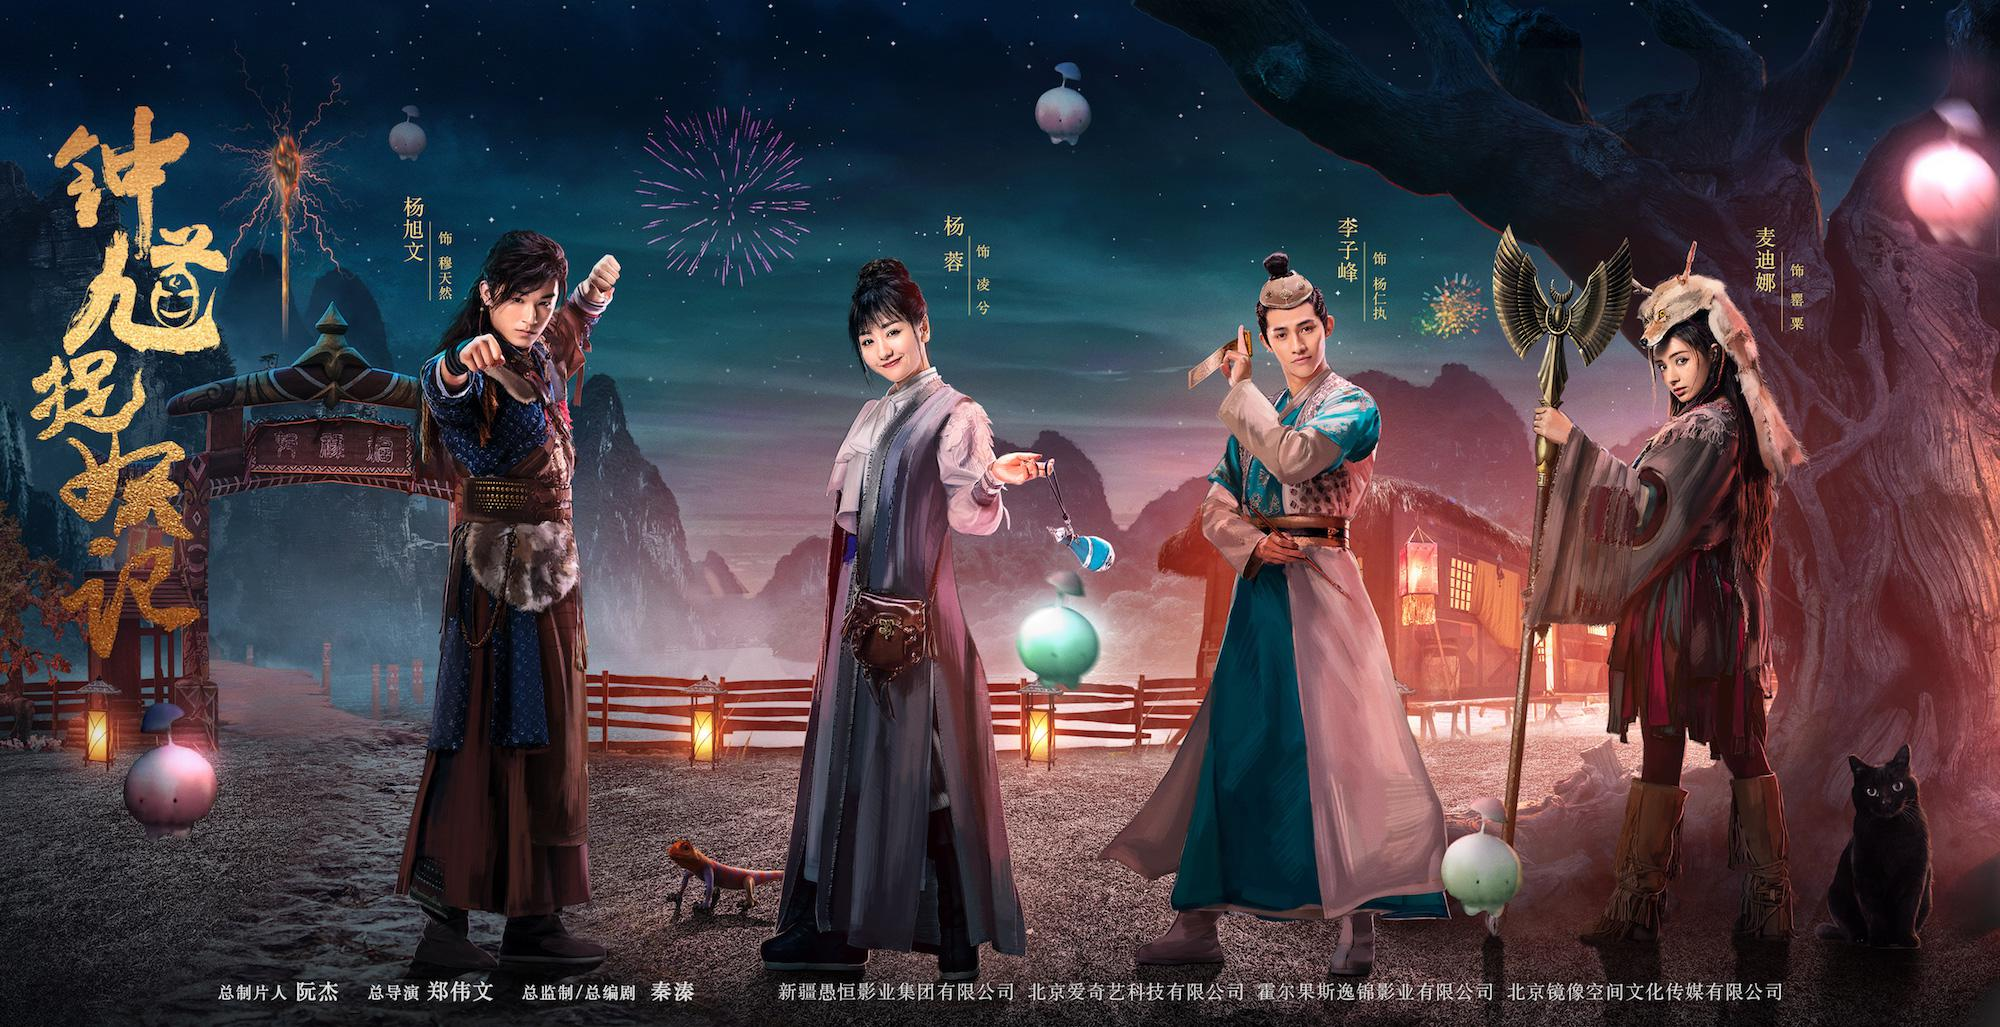 《钟馗捉妖记》曝定档海报 6.4解锁不作妖新姿态